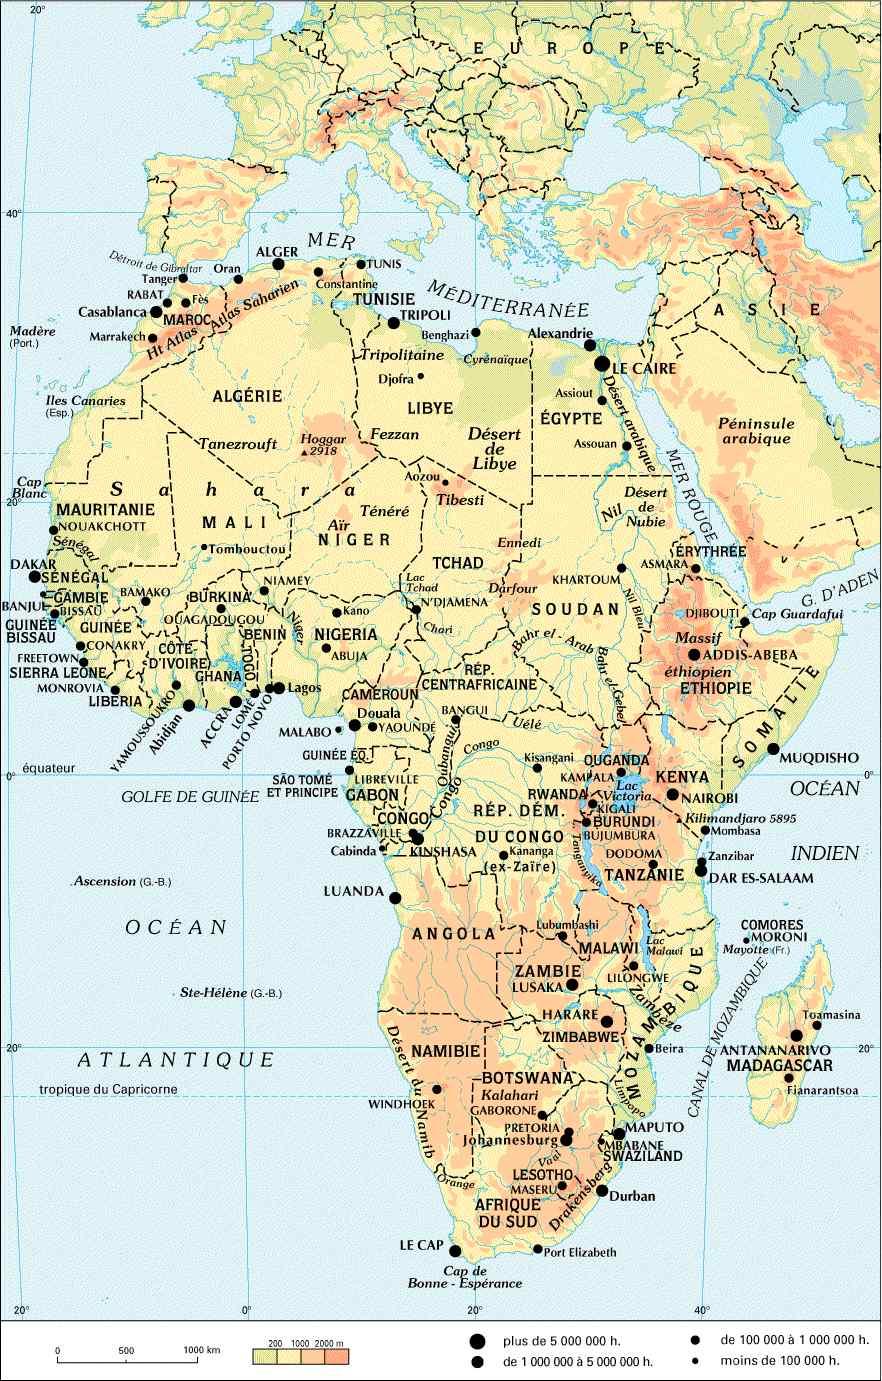 Carte De Lafrique Fleuves.Carte De L Afrique Cartes Sur Le Continent Africains Pays